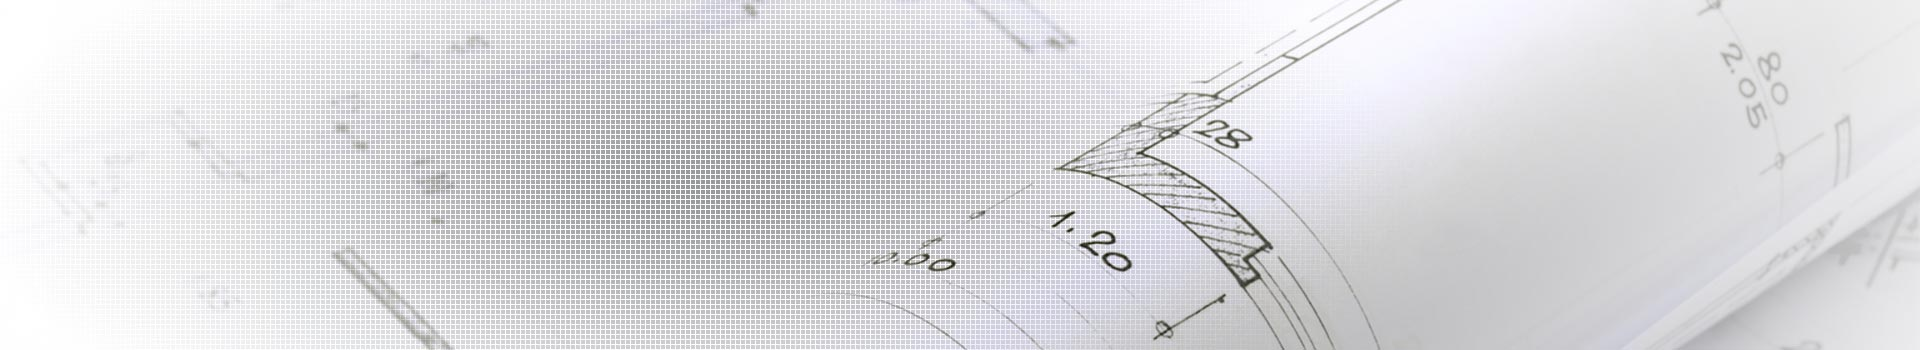 logistik_planung